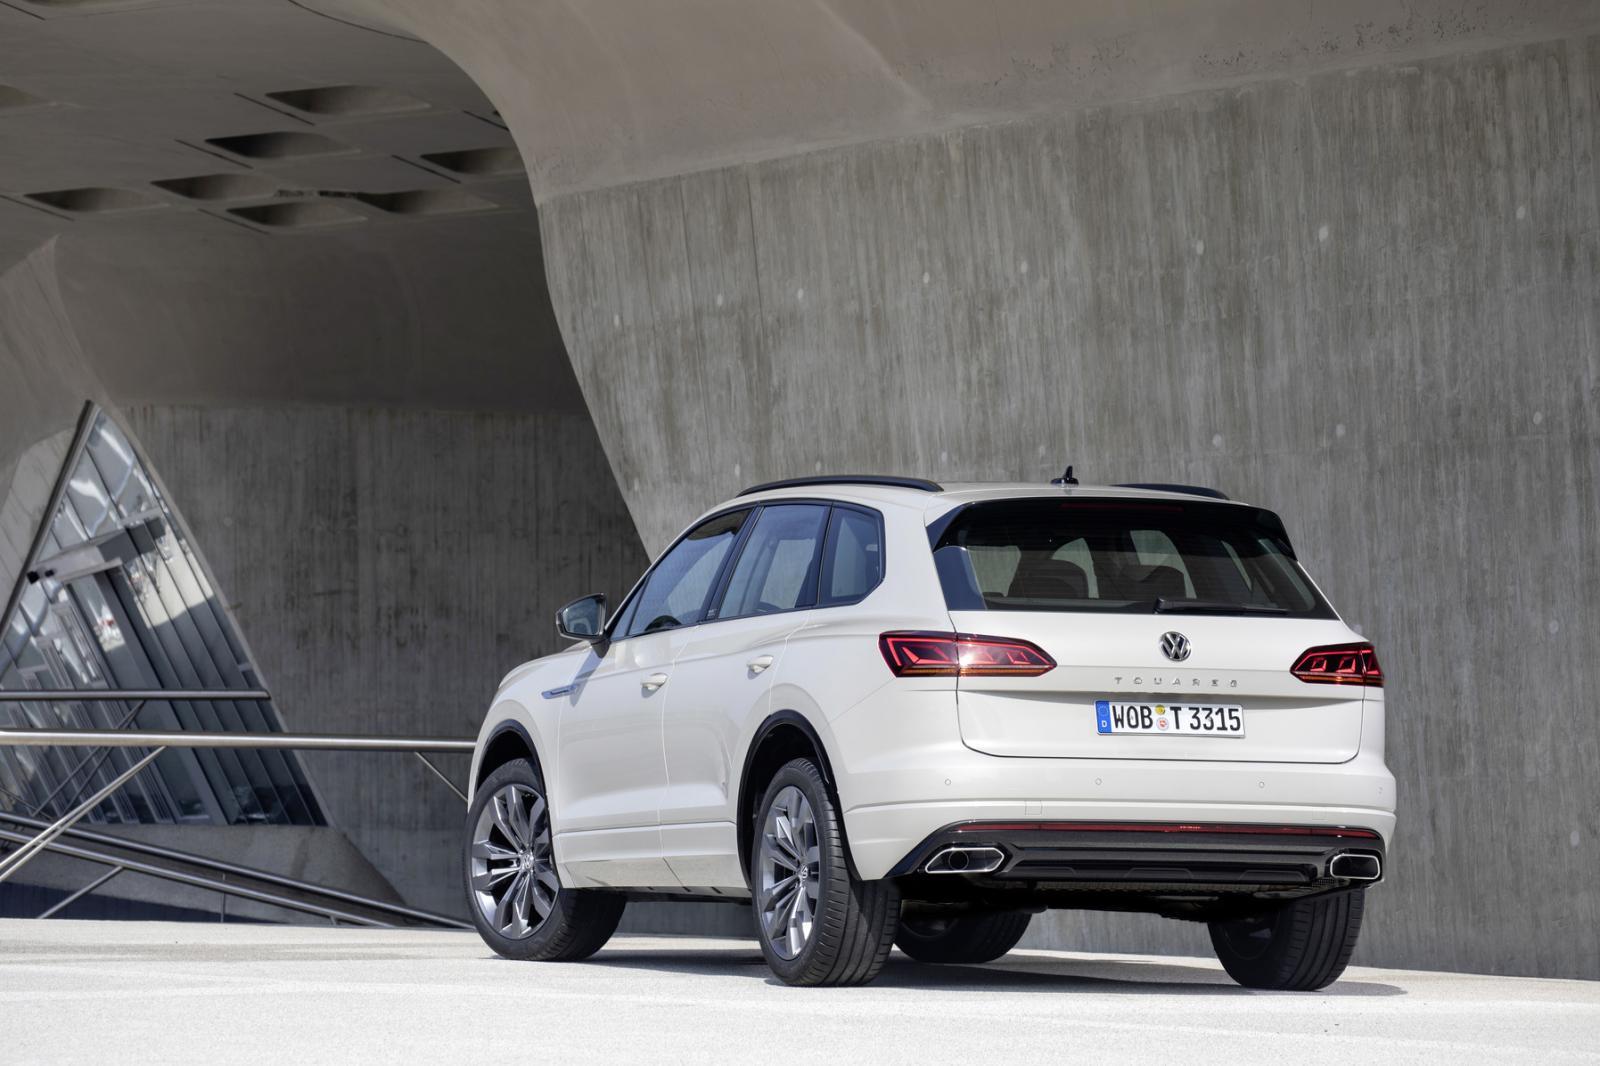 Volkswagen Touareg One Million, celebrando 17 años de producción ininterrumpida